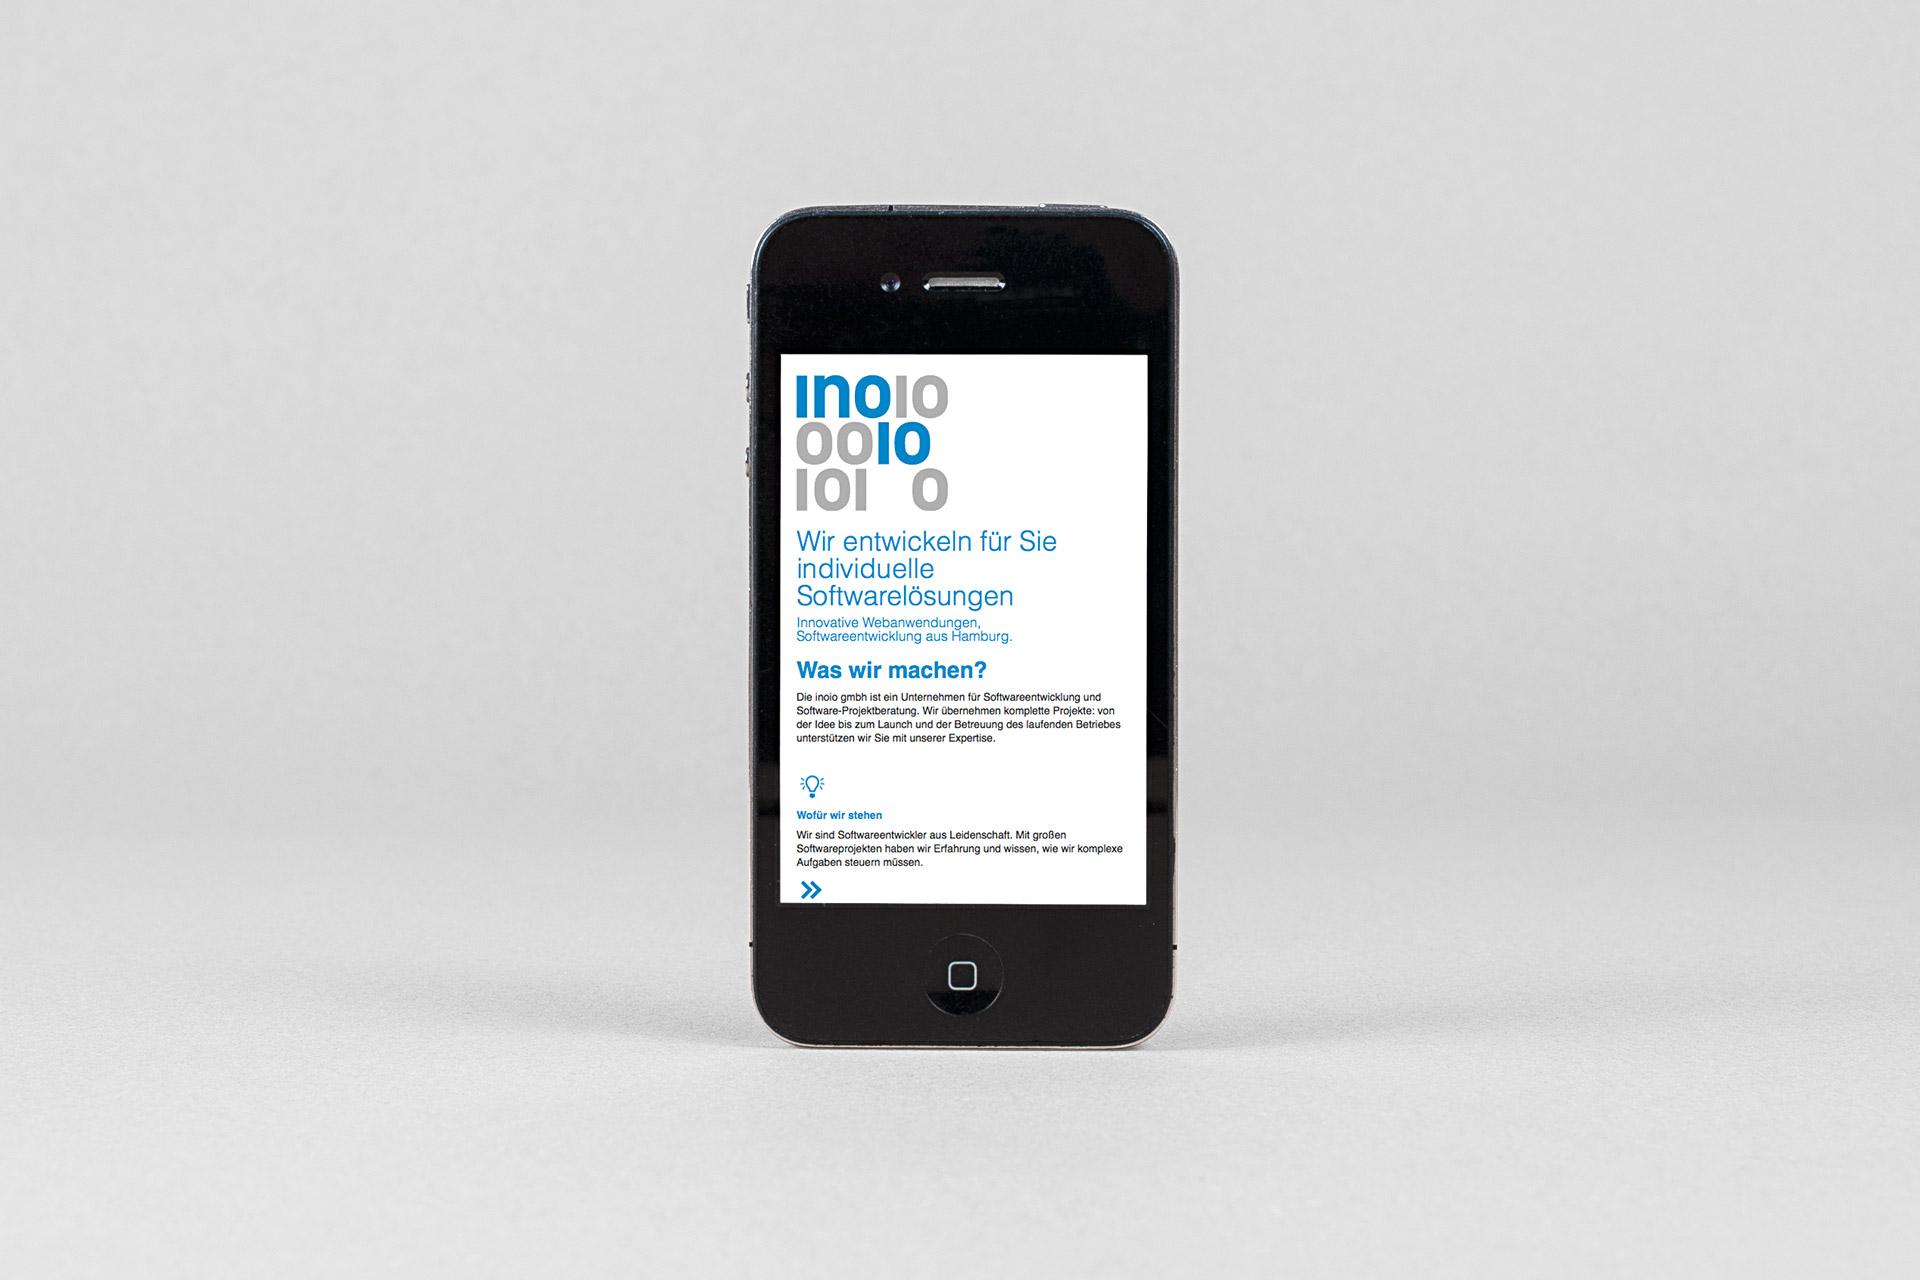 inoio-corporate-design webdesign